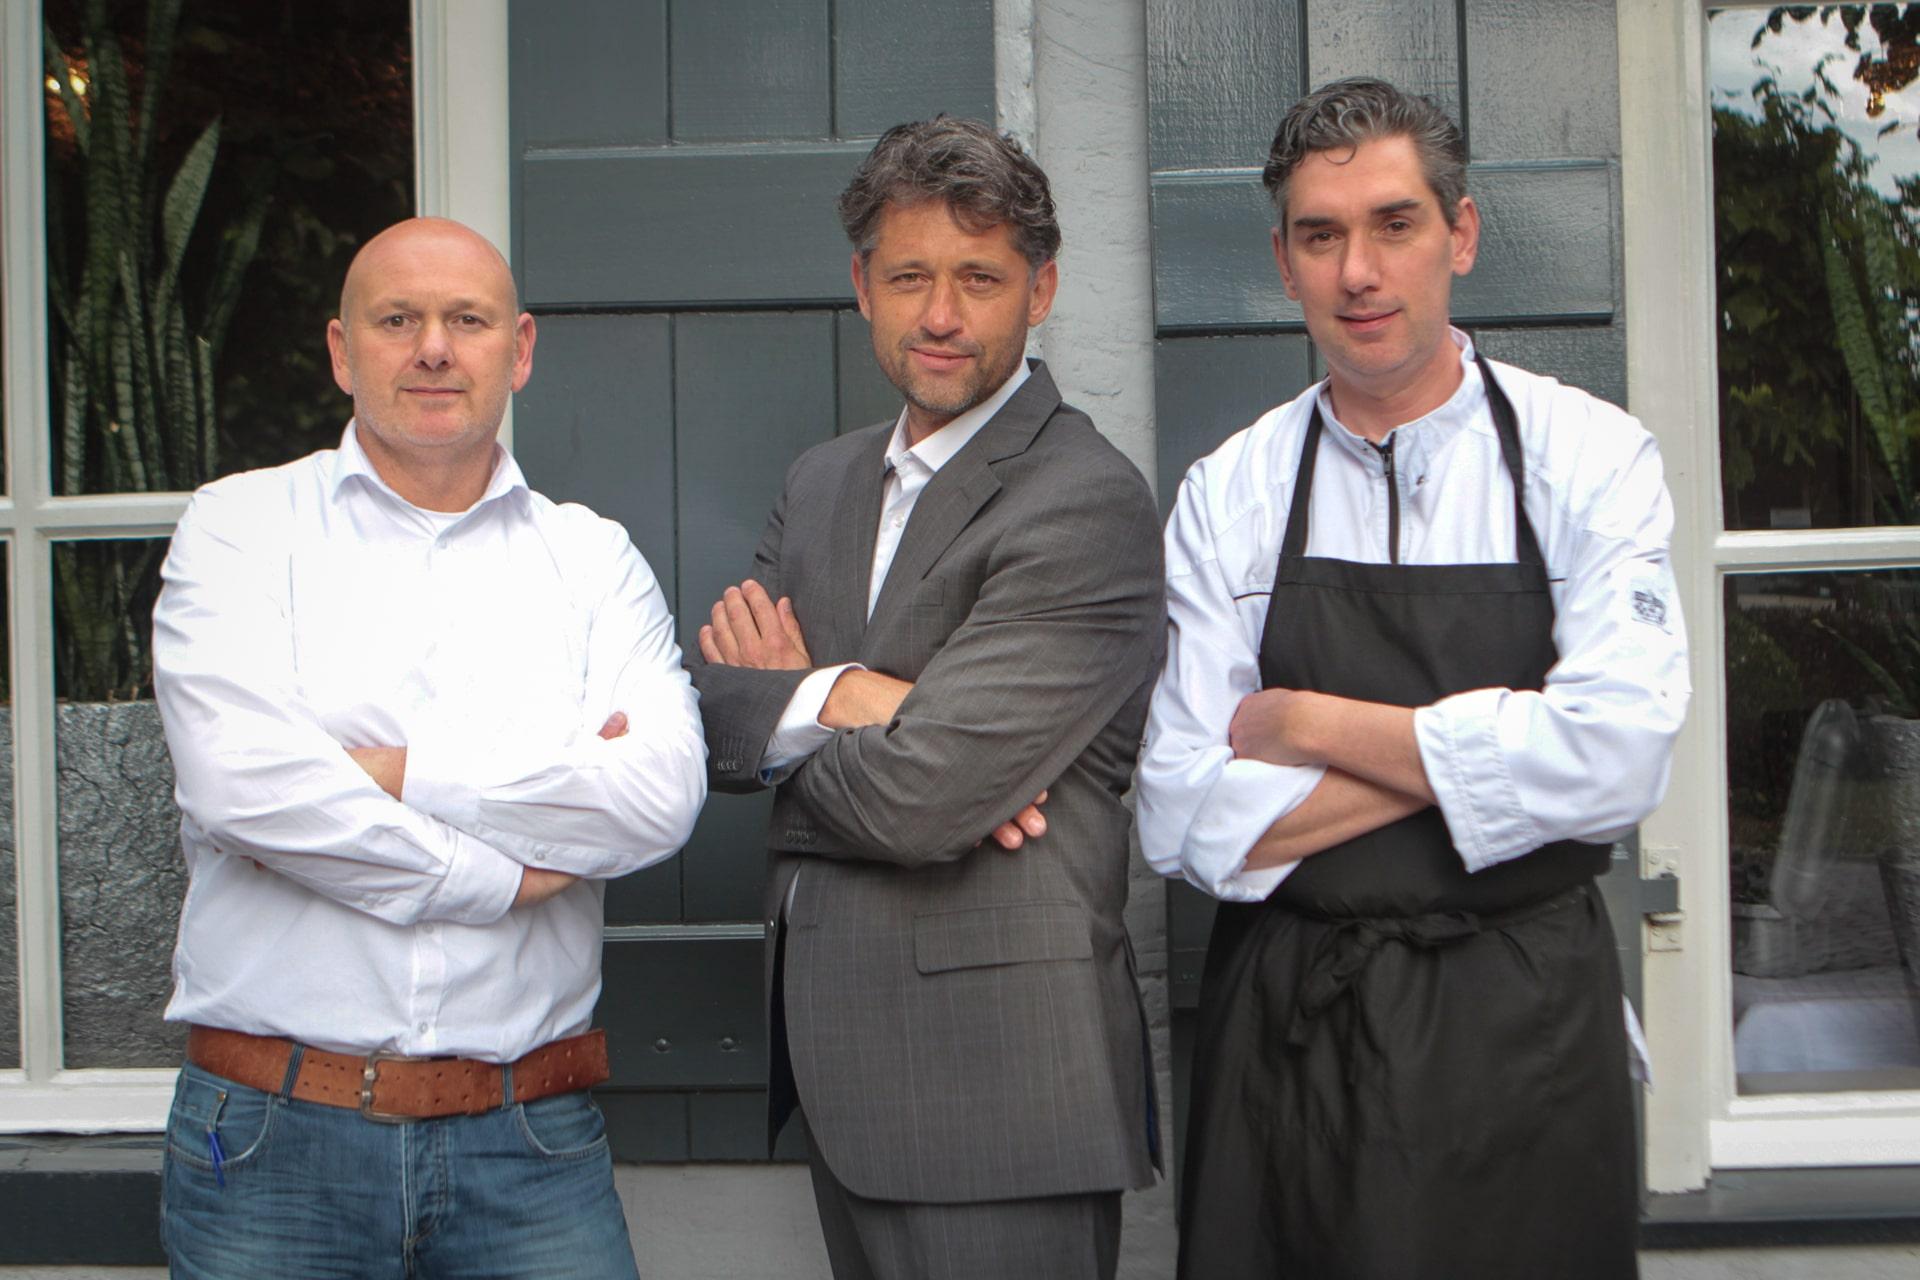 Michel Dijkstra Michael Greven Janpaul Kant restaurantvoor1dag